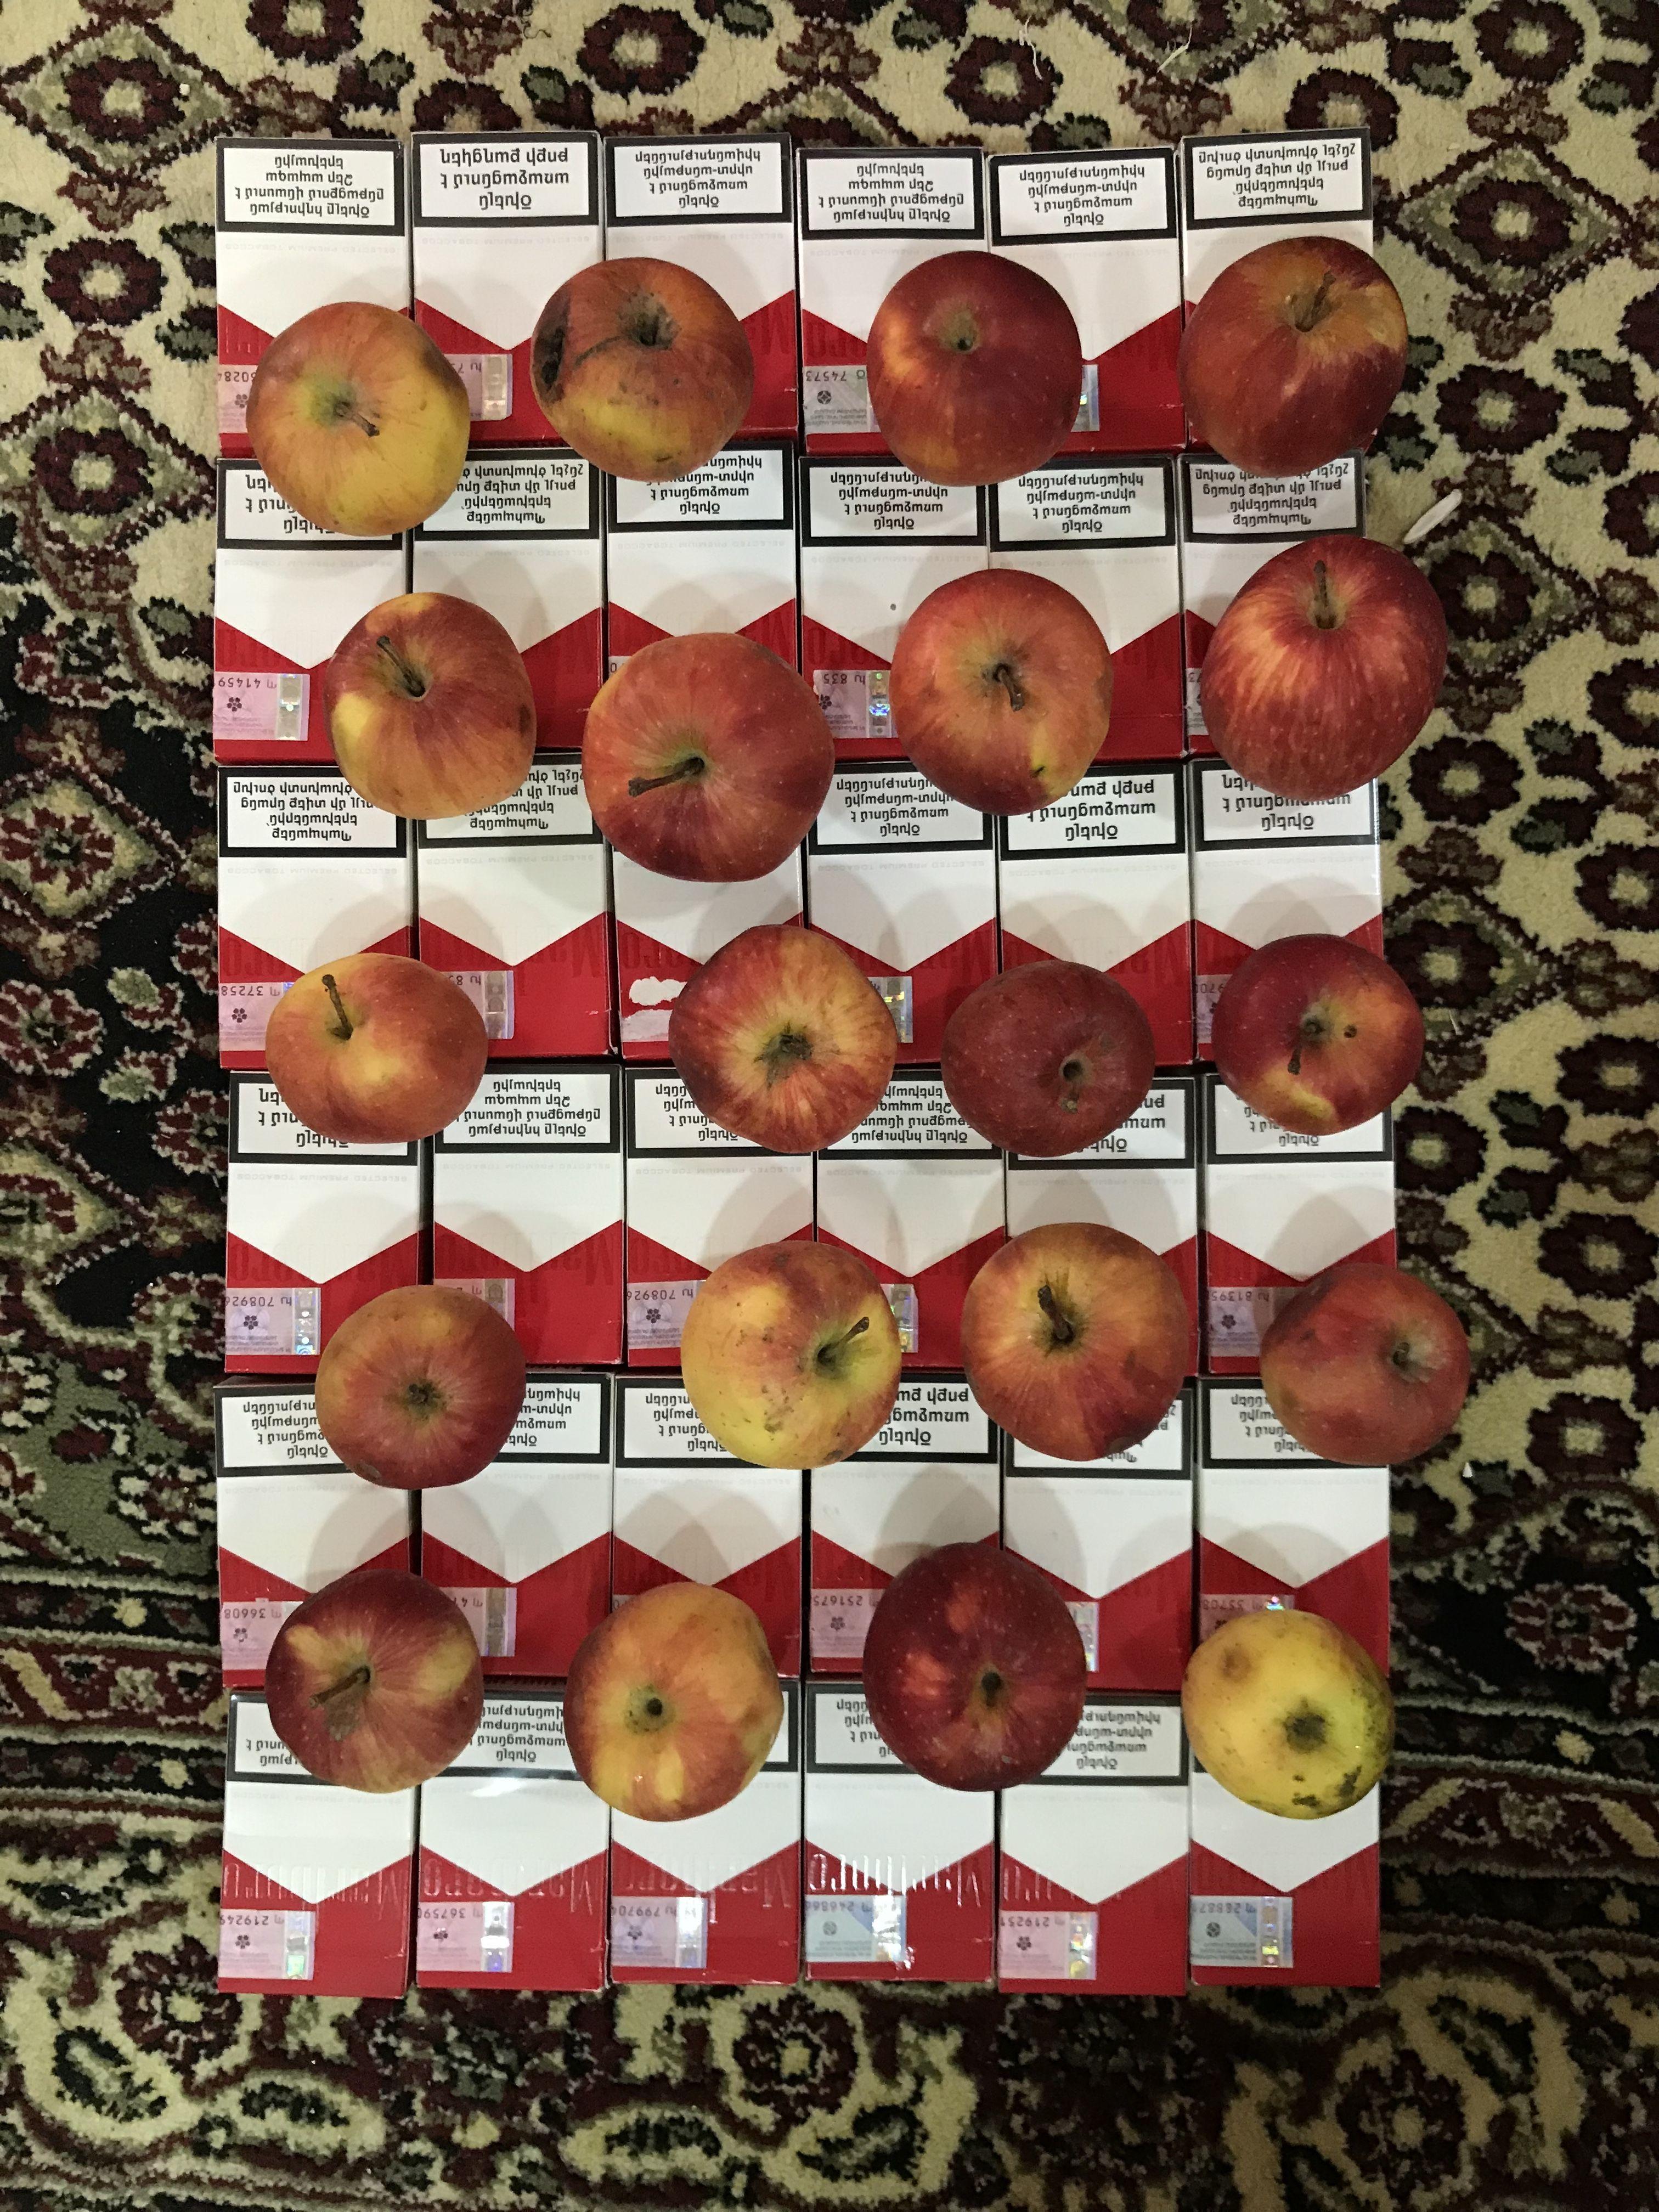 Marlboro life (With images) Marlboro, Apple, Fruit